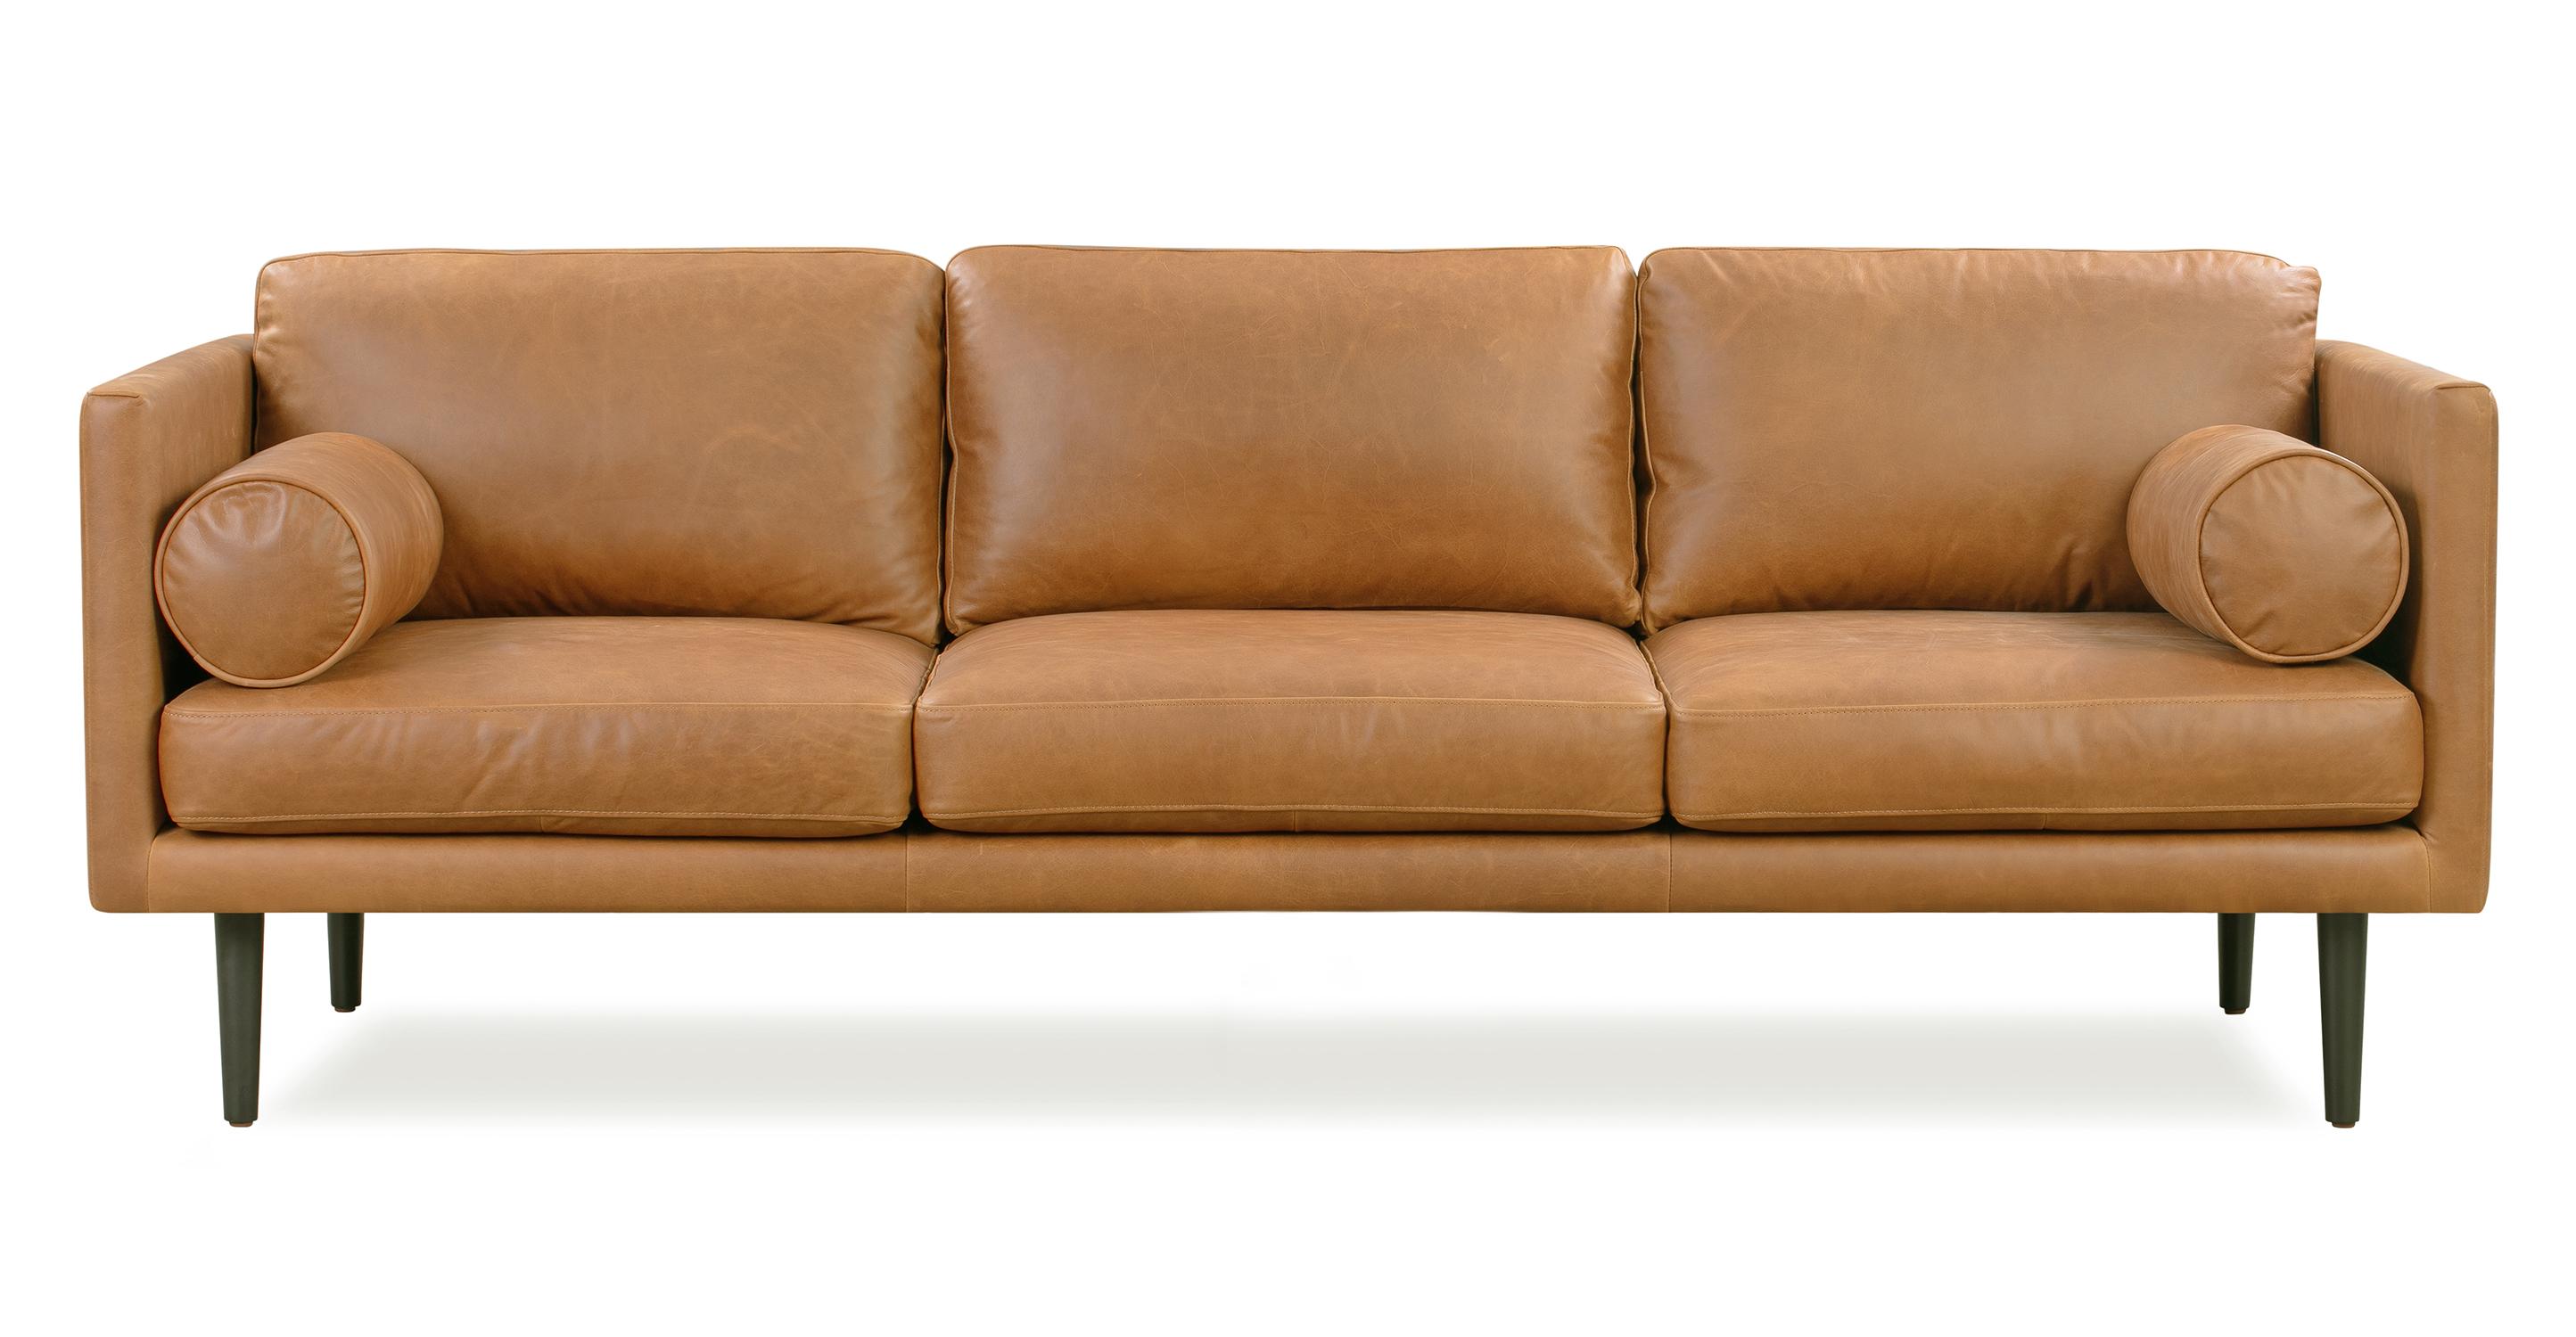 """Spectre 81"""" Leather Sofa, Cider Top Grain Semi Aniline"""